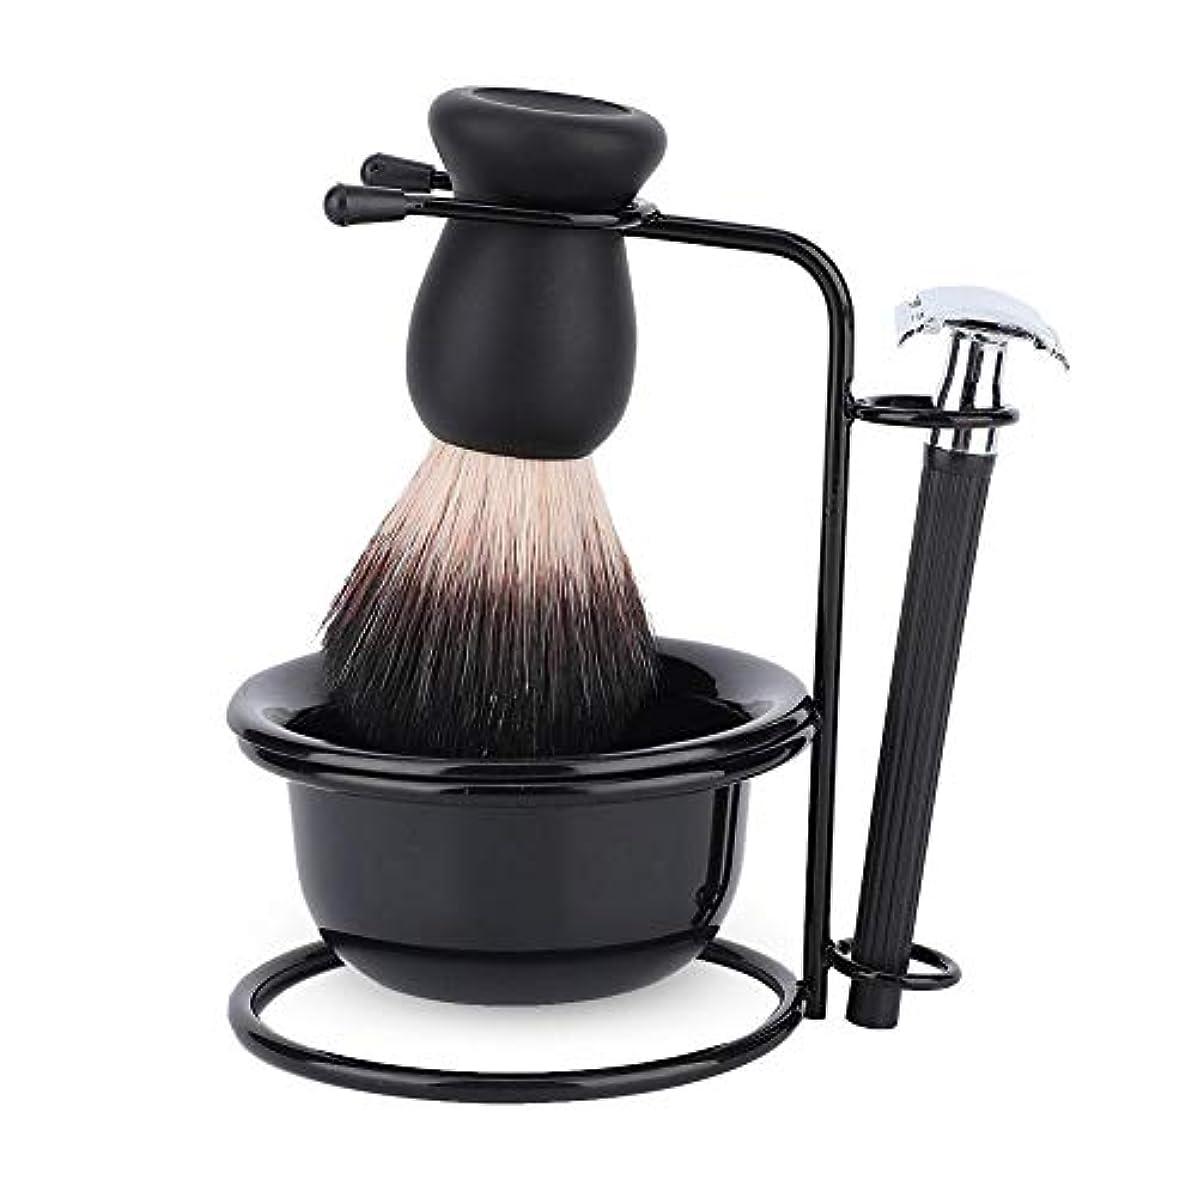 舌な種類なぜシェービングブラシセット ホルダー 剃刀 カミソリ プレゼント 洗顔 髭剃り 柔らかい毛 泡立ち メンズ